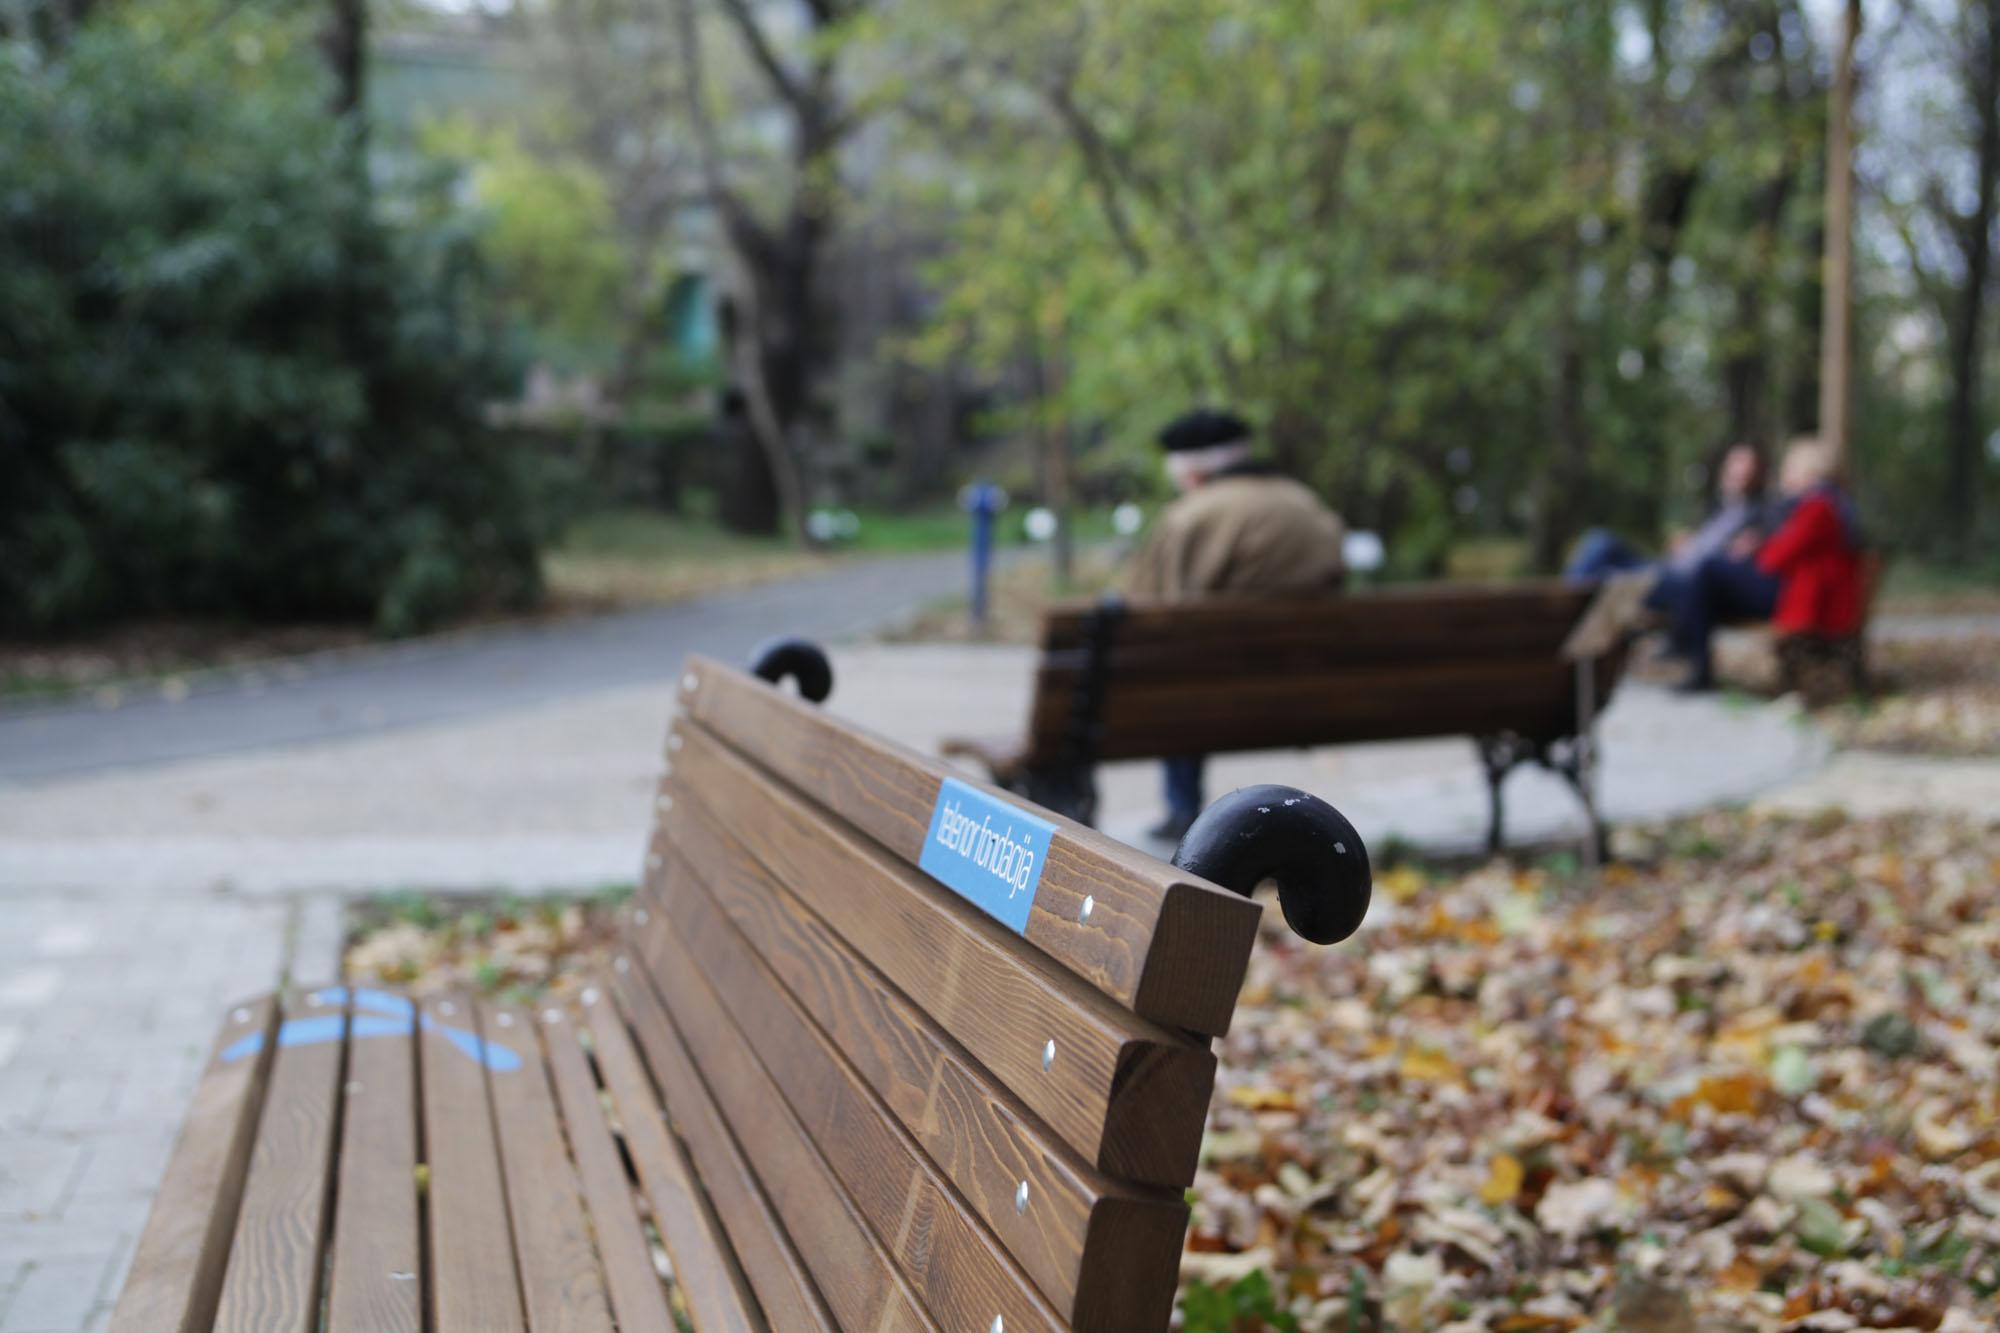 Besplatan internet i klupe za odmor u Botanickoj basti